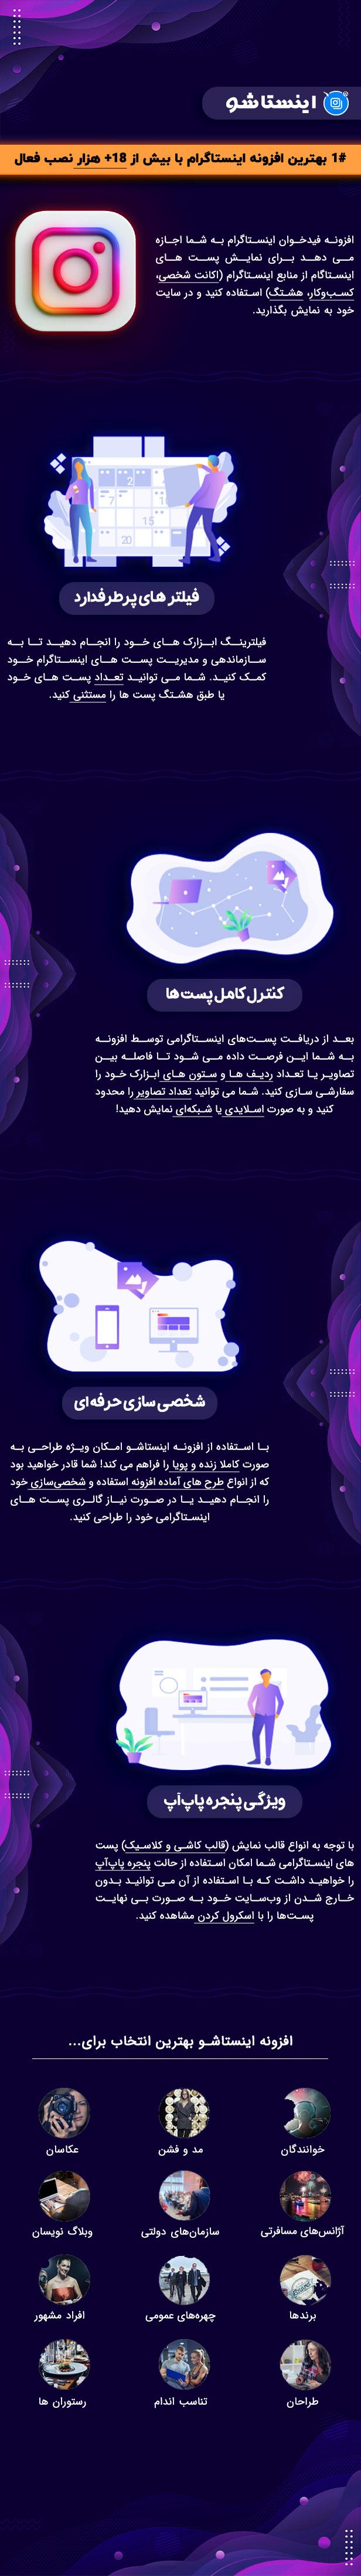 افزونه Instagram Feed نسخه 4.0.2 - اتصال اینستاگرام به وردپرس 2